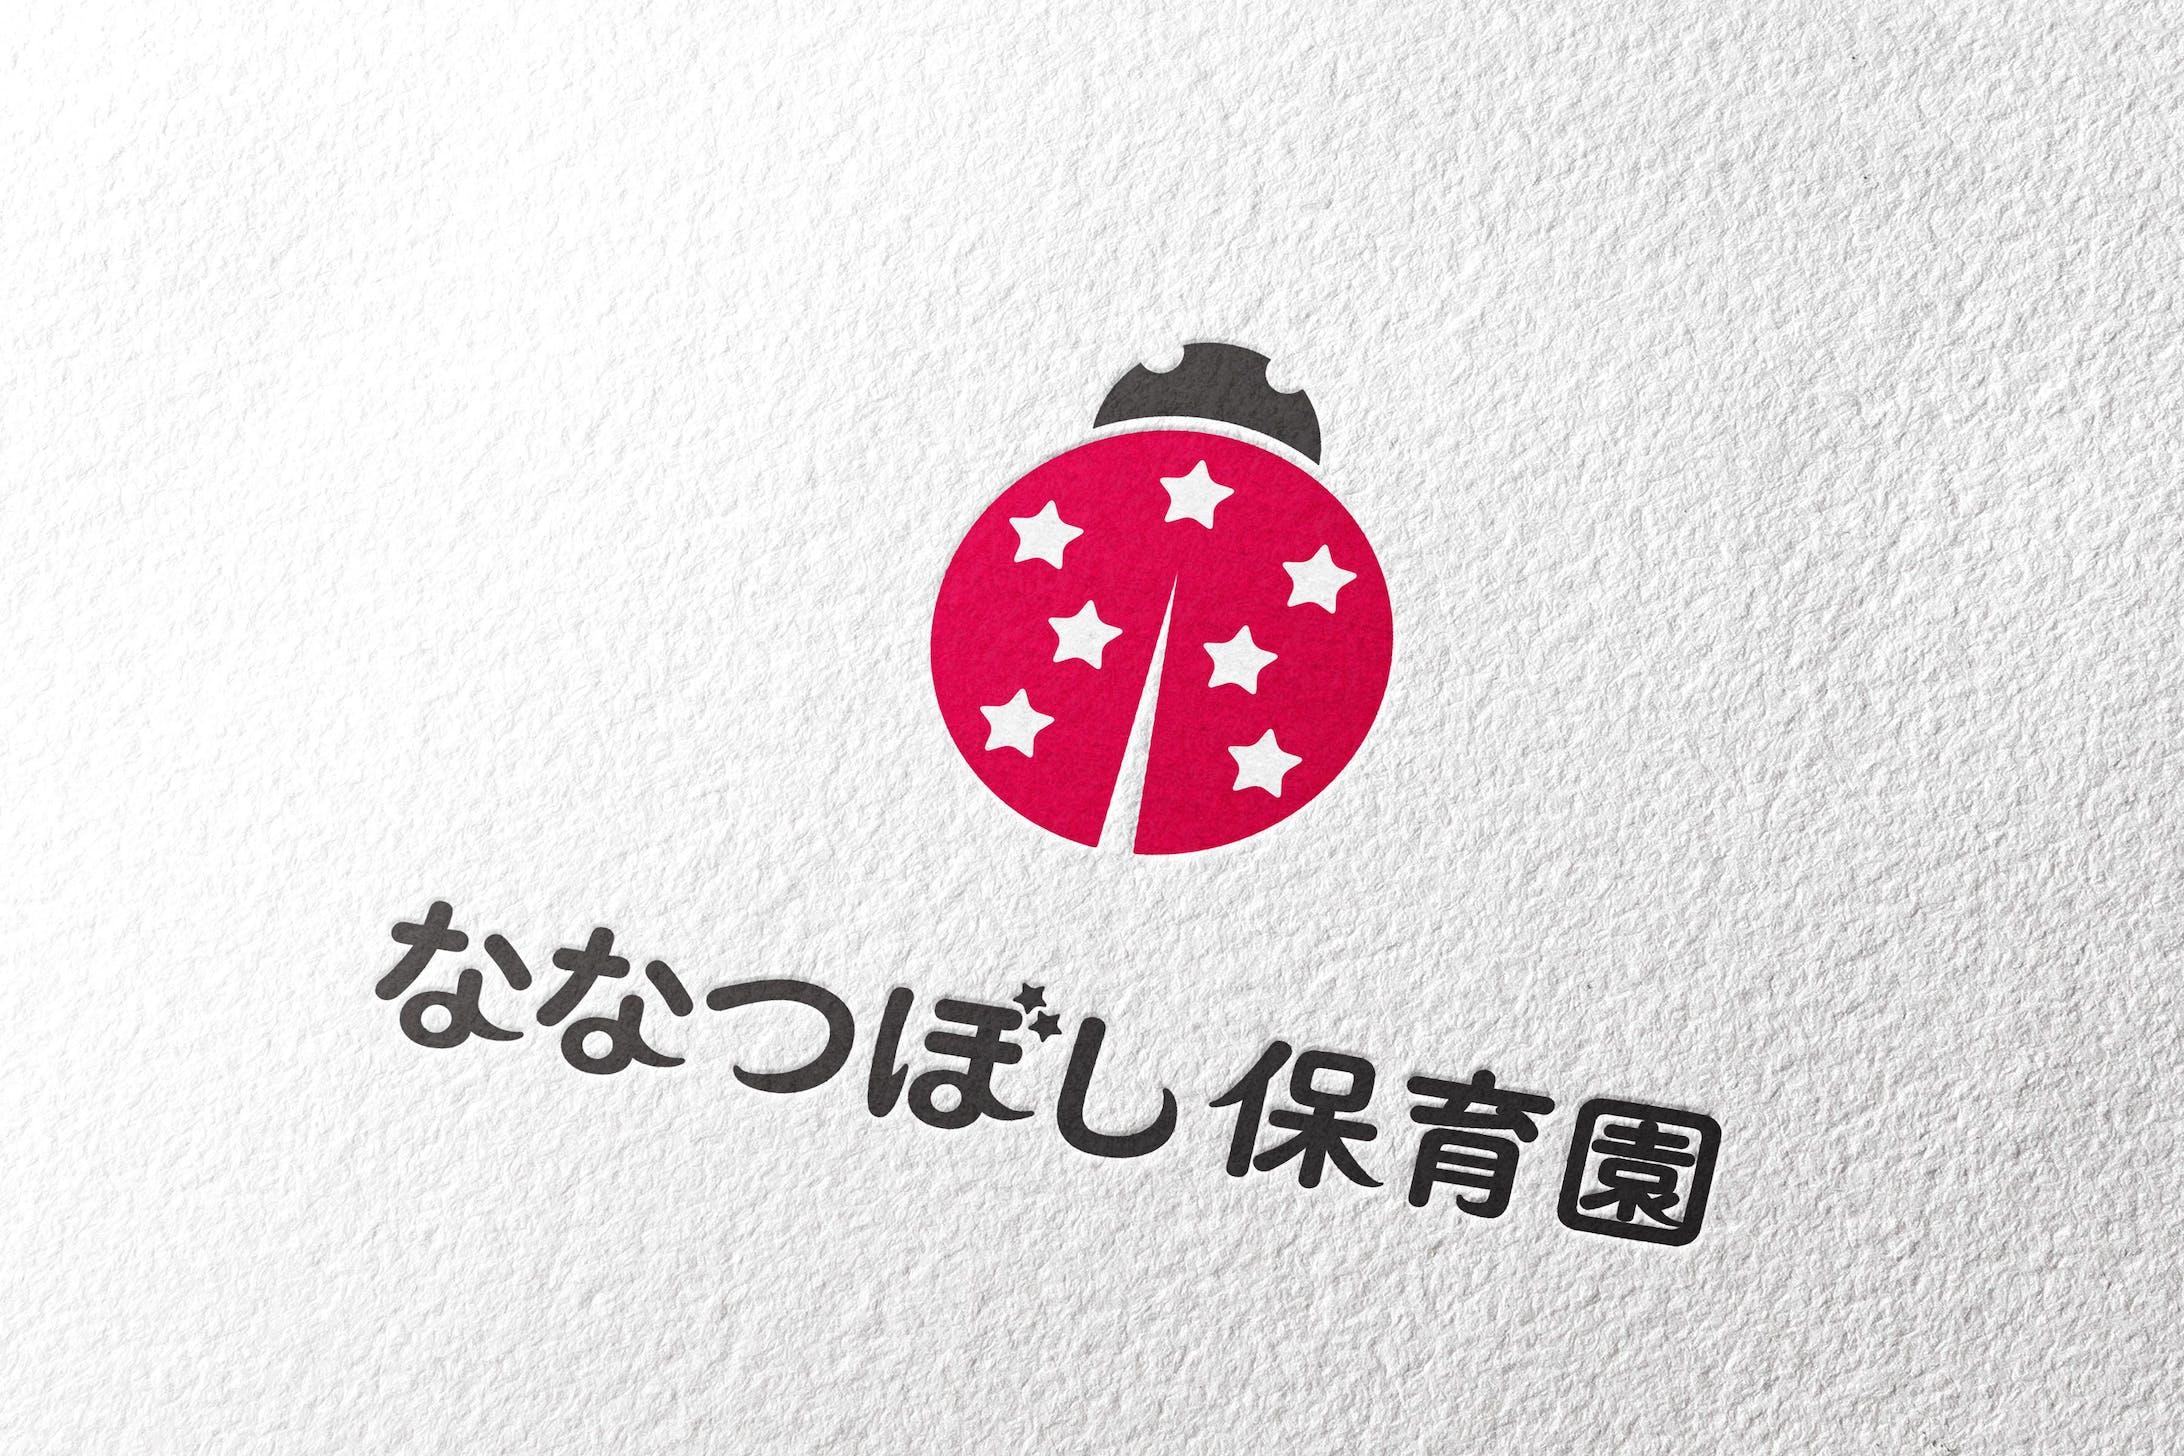 ロゴデザイン集-5